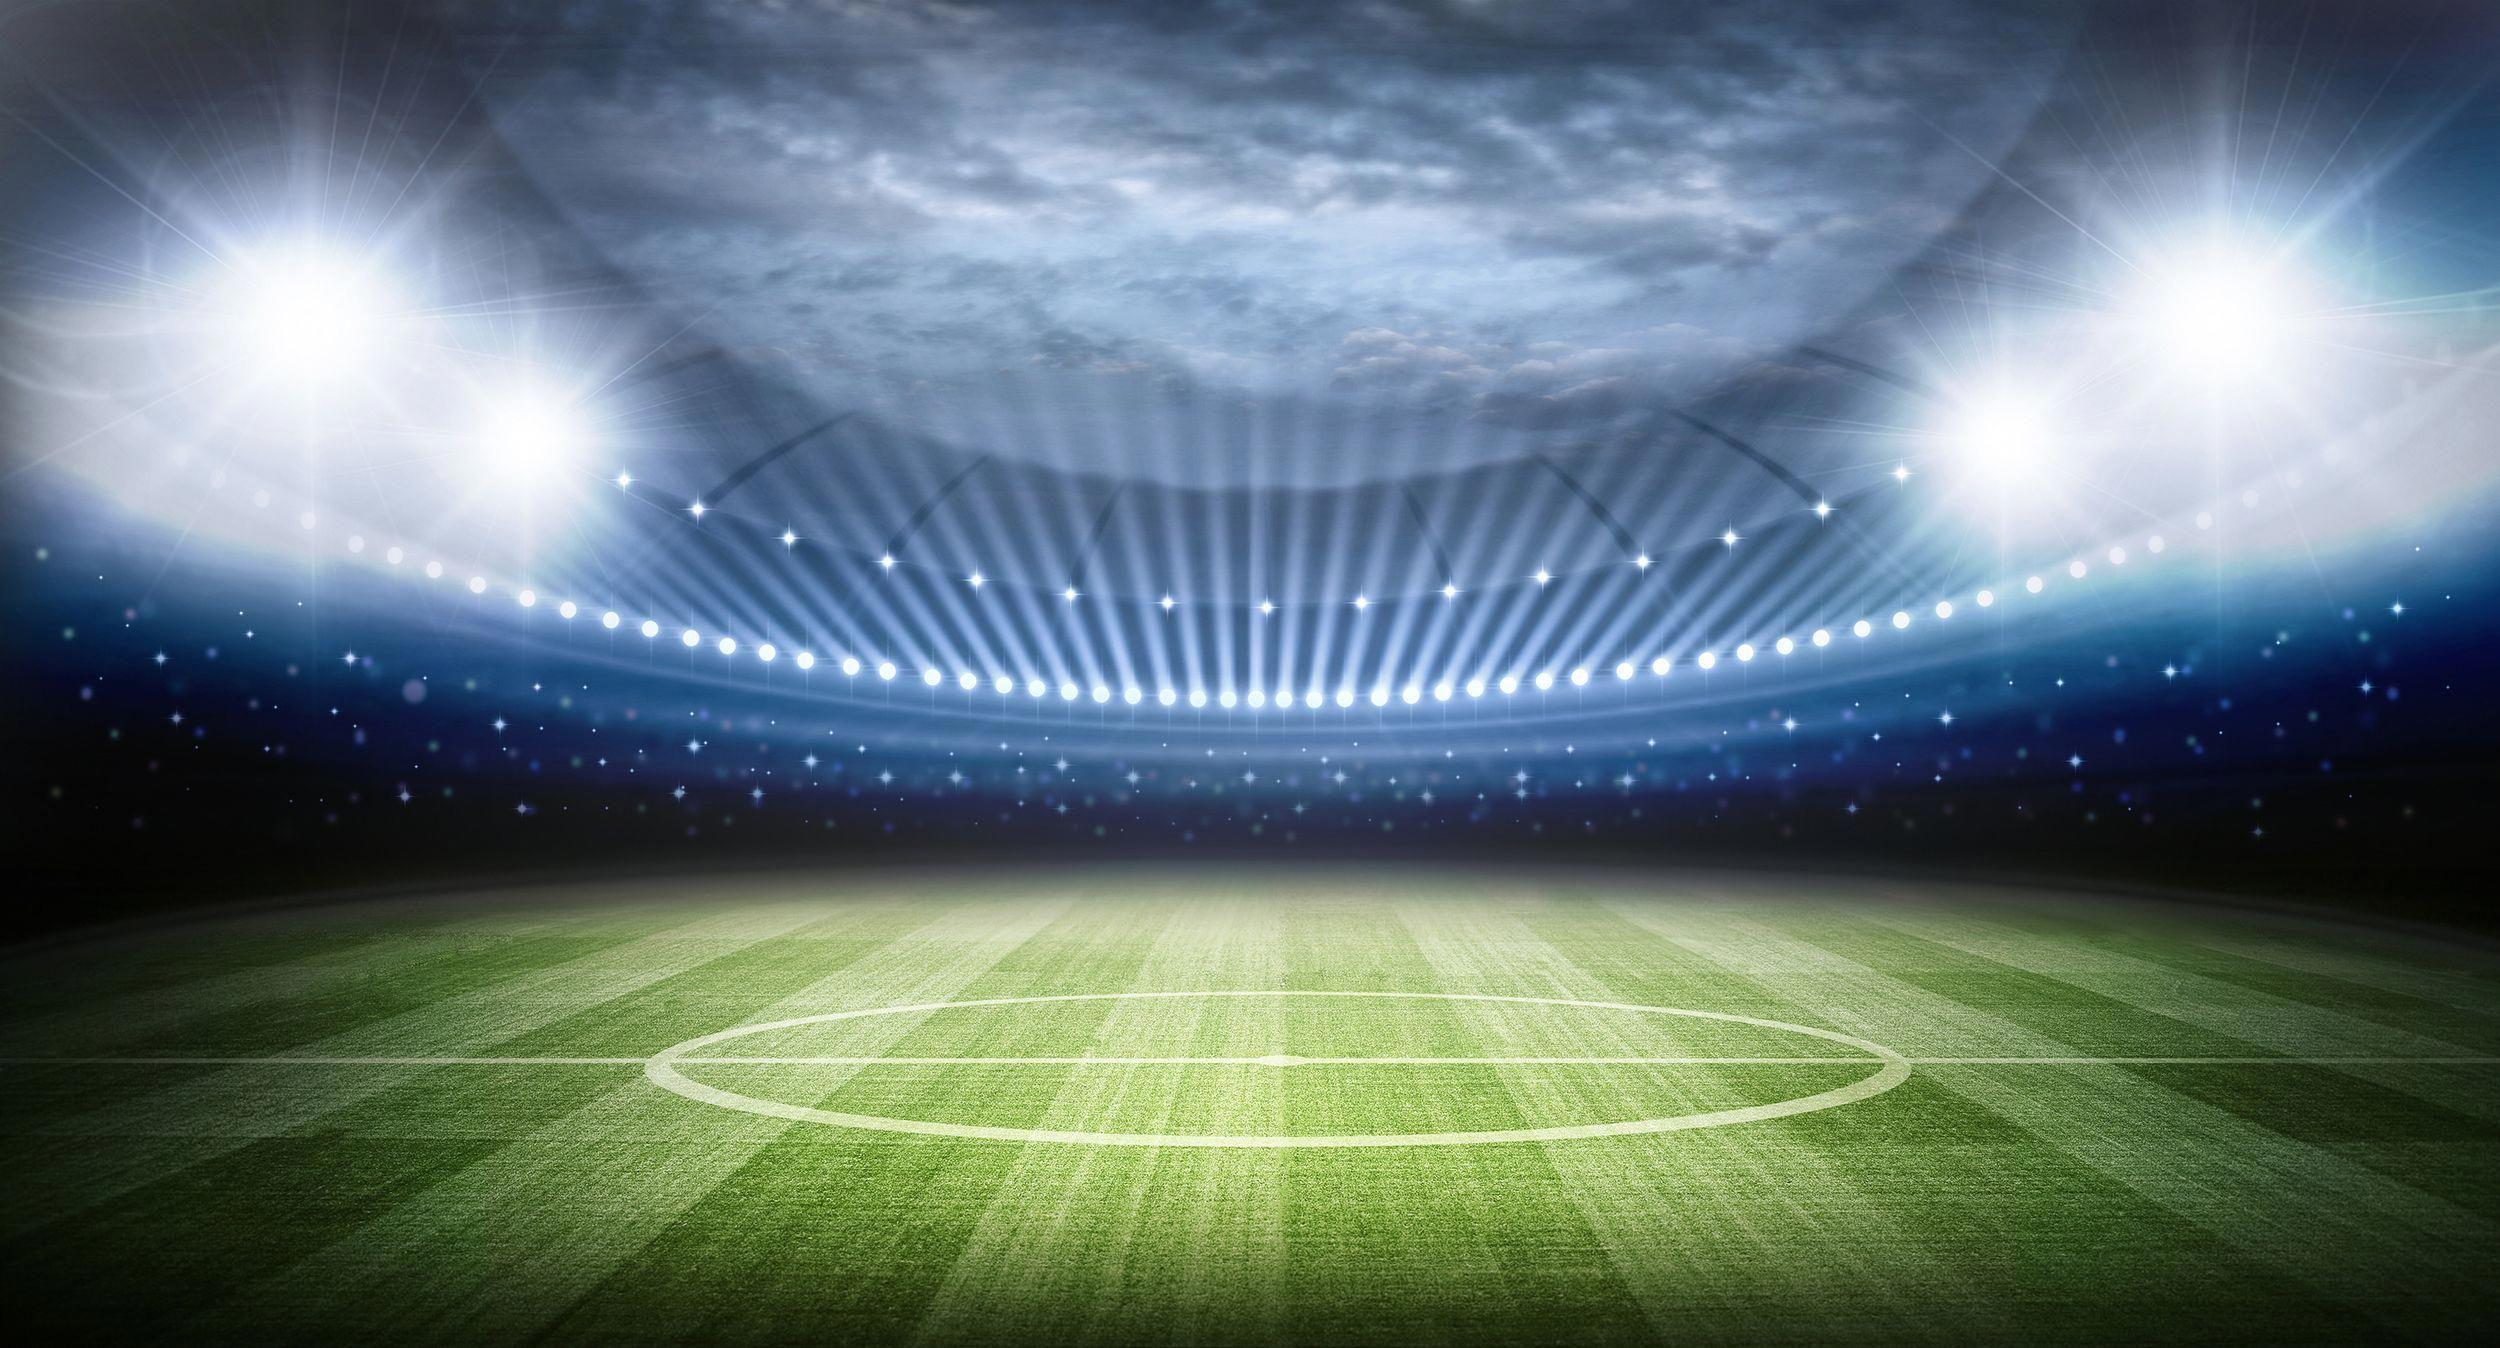 High Resolution Football Stadium Wallpaper In 2020 Stadium Wallpaper Football Stadiums Stadium Lighting